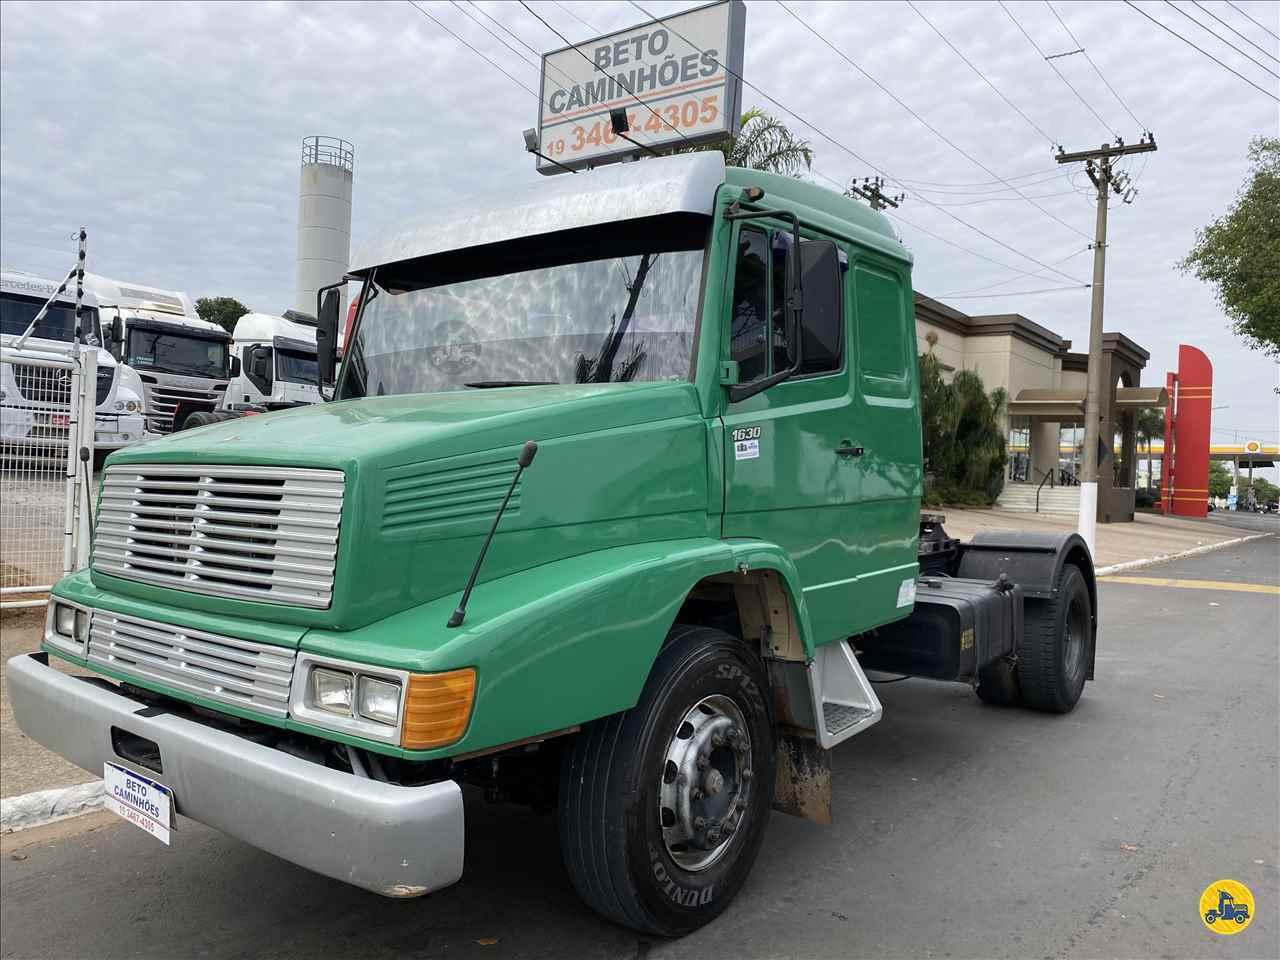 CAMINHAO MERCEDES-BENZ MB 1630 Cavalo Mecânico Toco 4x2 Beto Caminhões Piracicaba AMERICANA SÃO PAULO SP